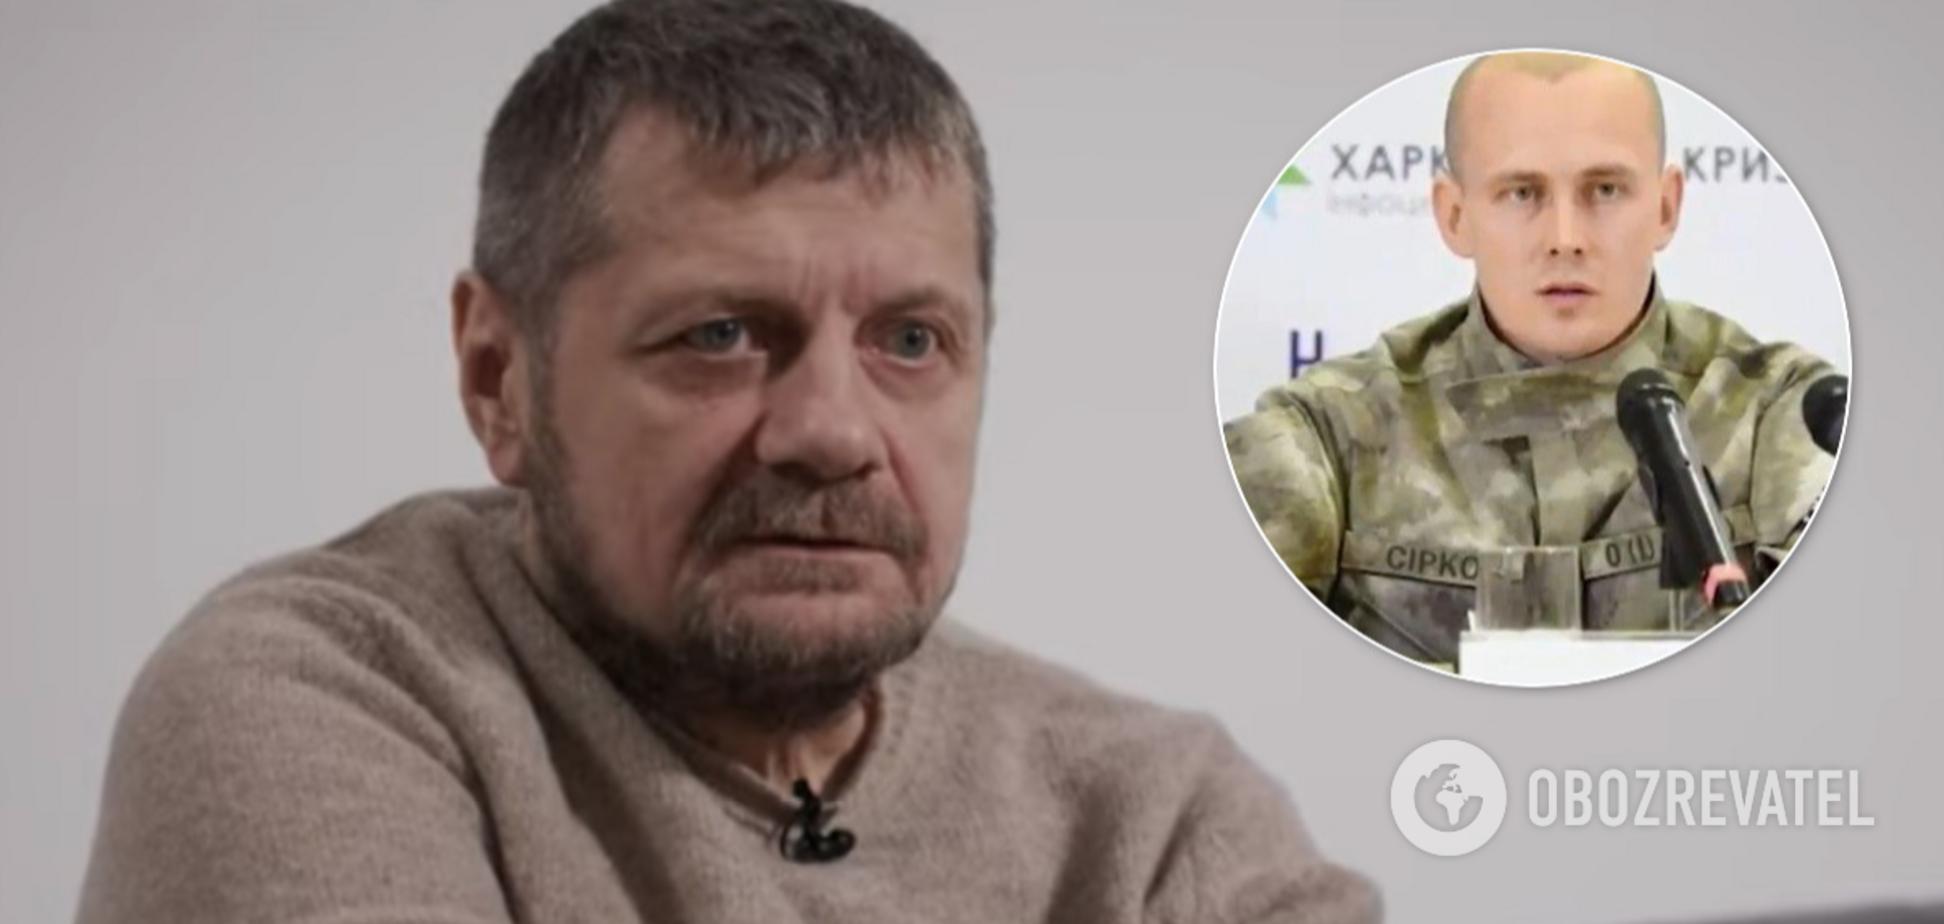 Мосійчук показав 'виконавця' замаху і звинуватив СБУ